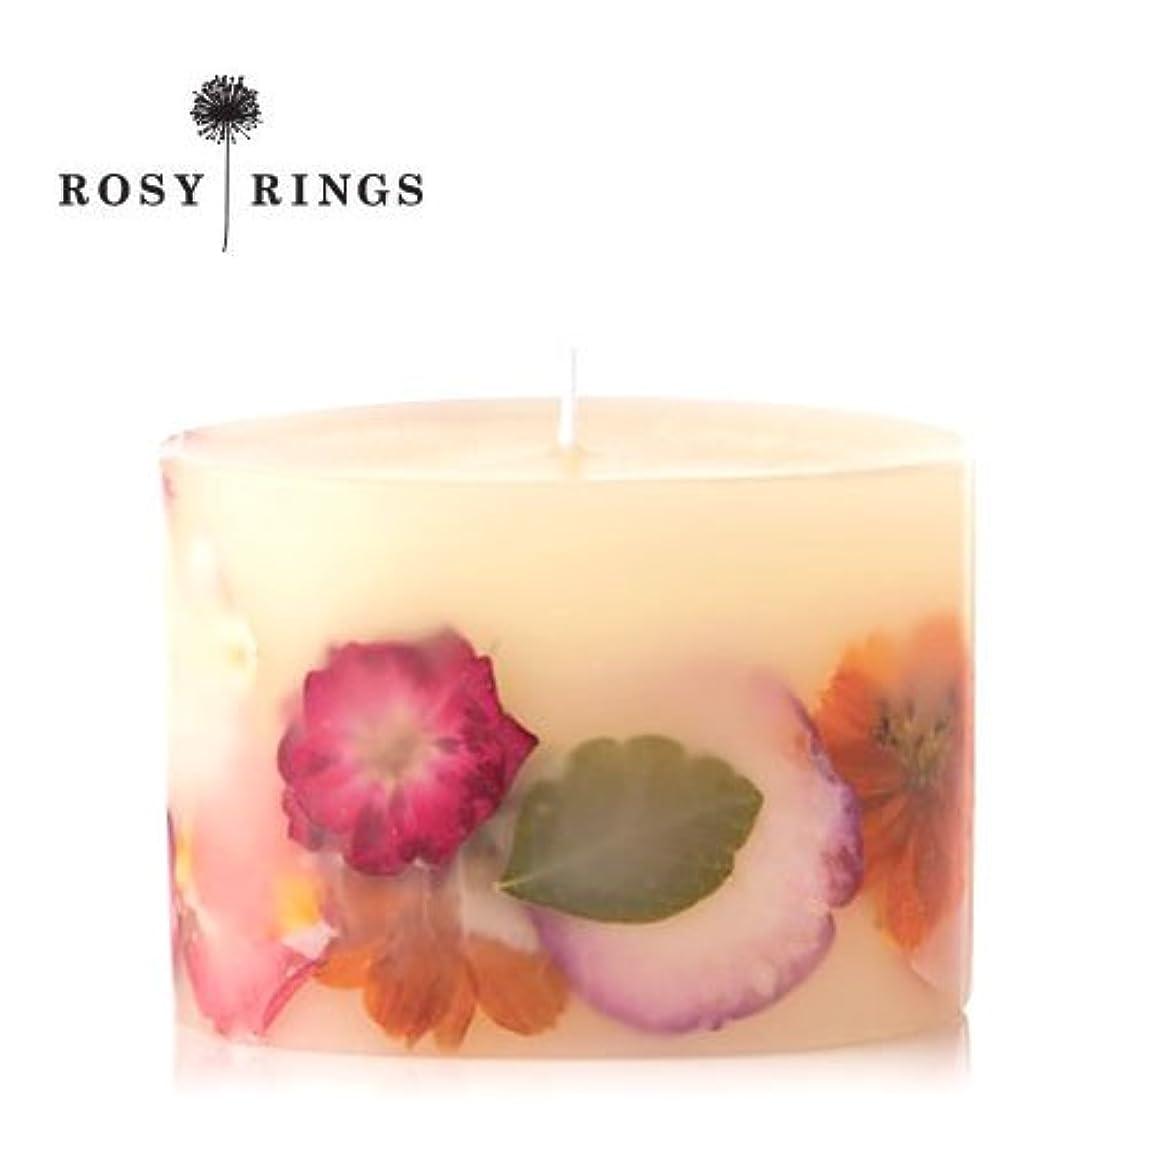 締め切りどこでも専門【正規取扱店】 ROSY RINGS プティボタニカル キャンドル ?フィグ&ポピー? PETITE BOTANICAL COLLECTION (ロージーリングス)